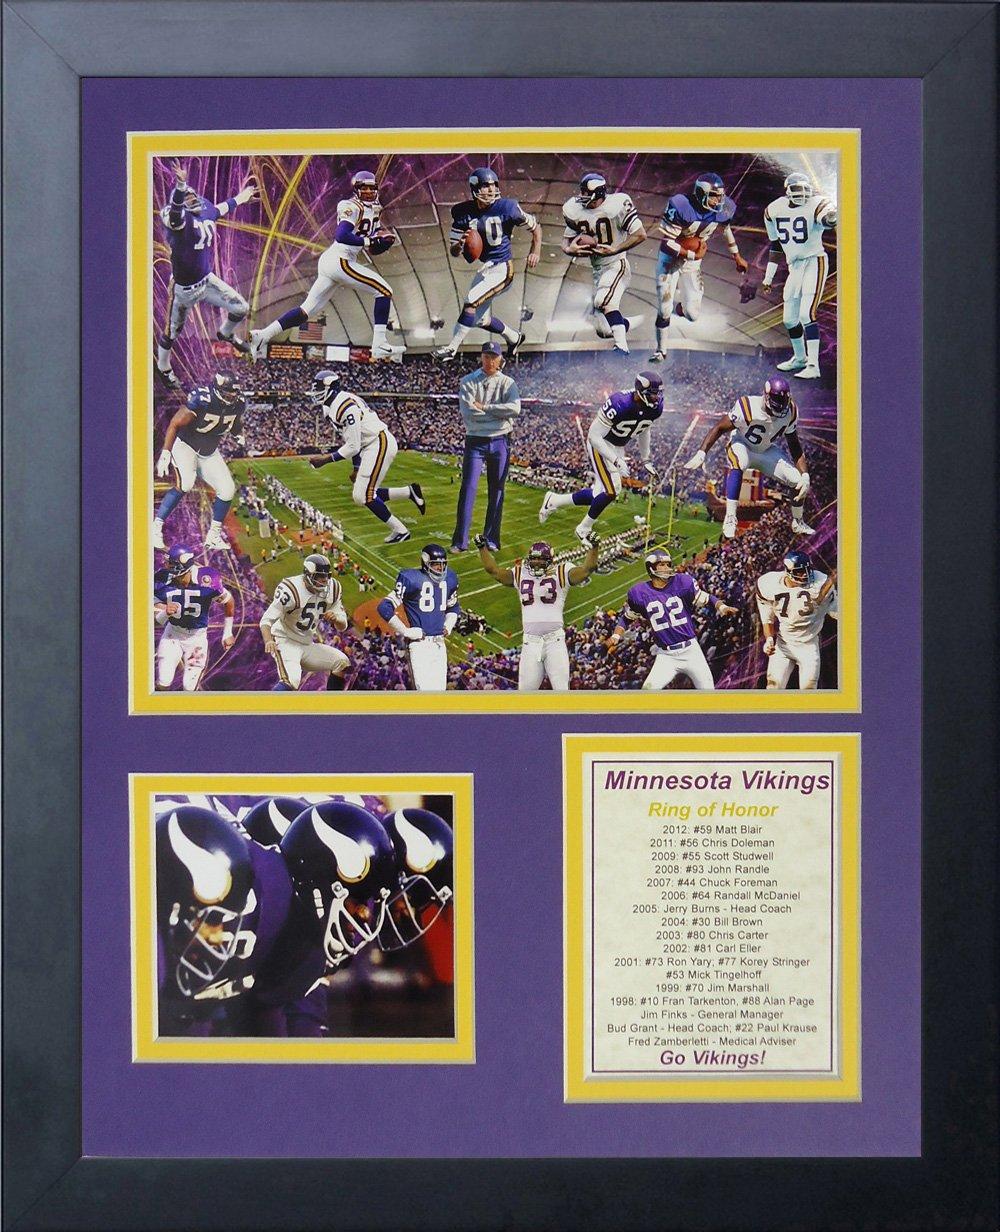 超熱 Legends Die Never Die 14インチ Minnesota Vikings Greats B00MI4EGN8 Framed写真コラージュ、11 by 14インチ B00MI4EGN8, イセサキシ:4e5b10e1 --- arianechie.dominiotemporario.com